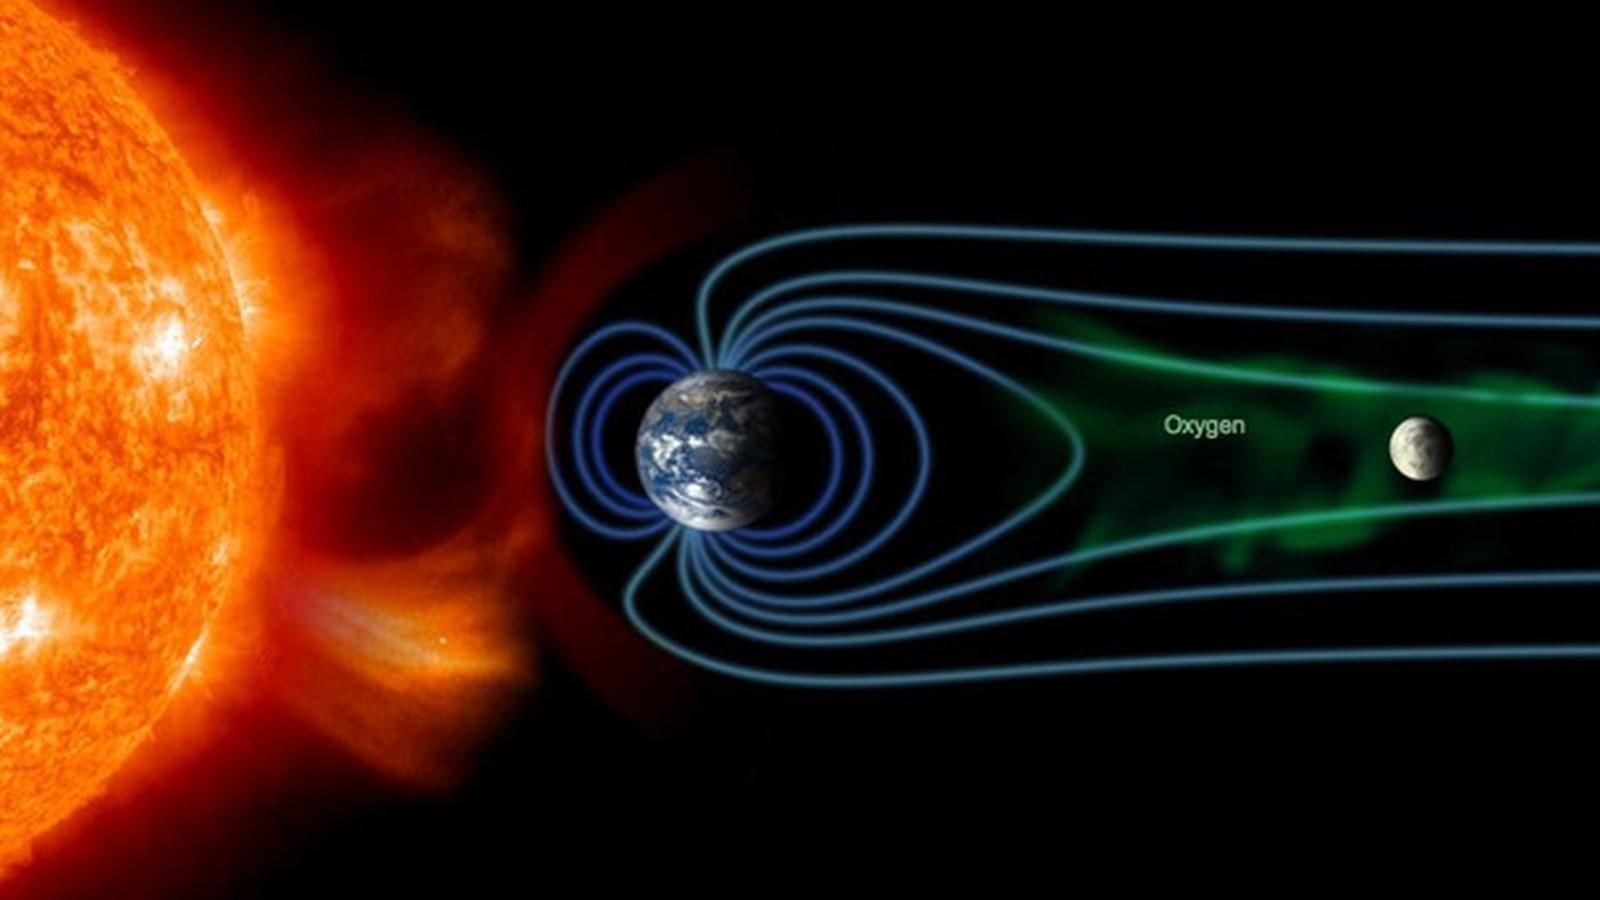 La Lune reçoit l'empreinte de l'histoire de notre atmosphère depuis des millions d'années